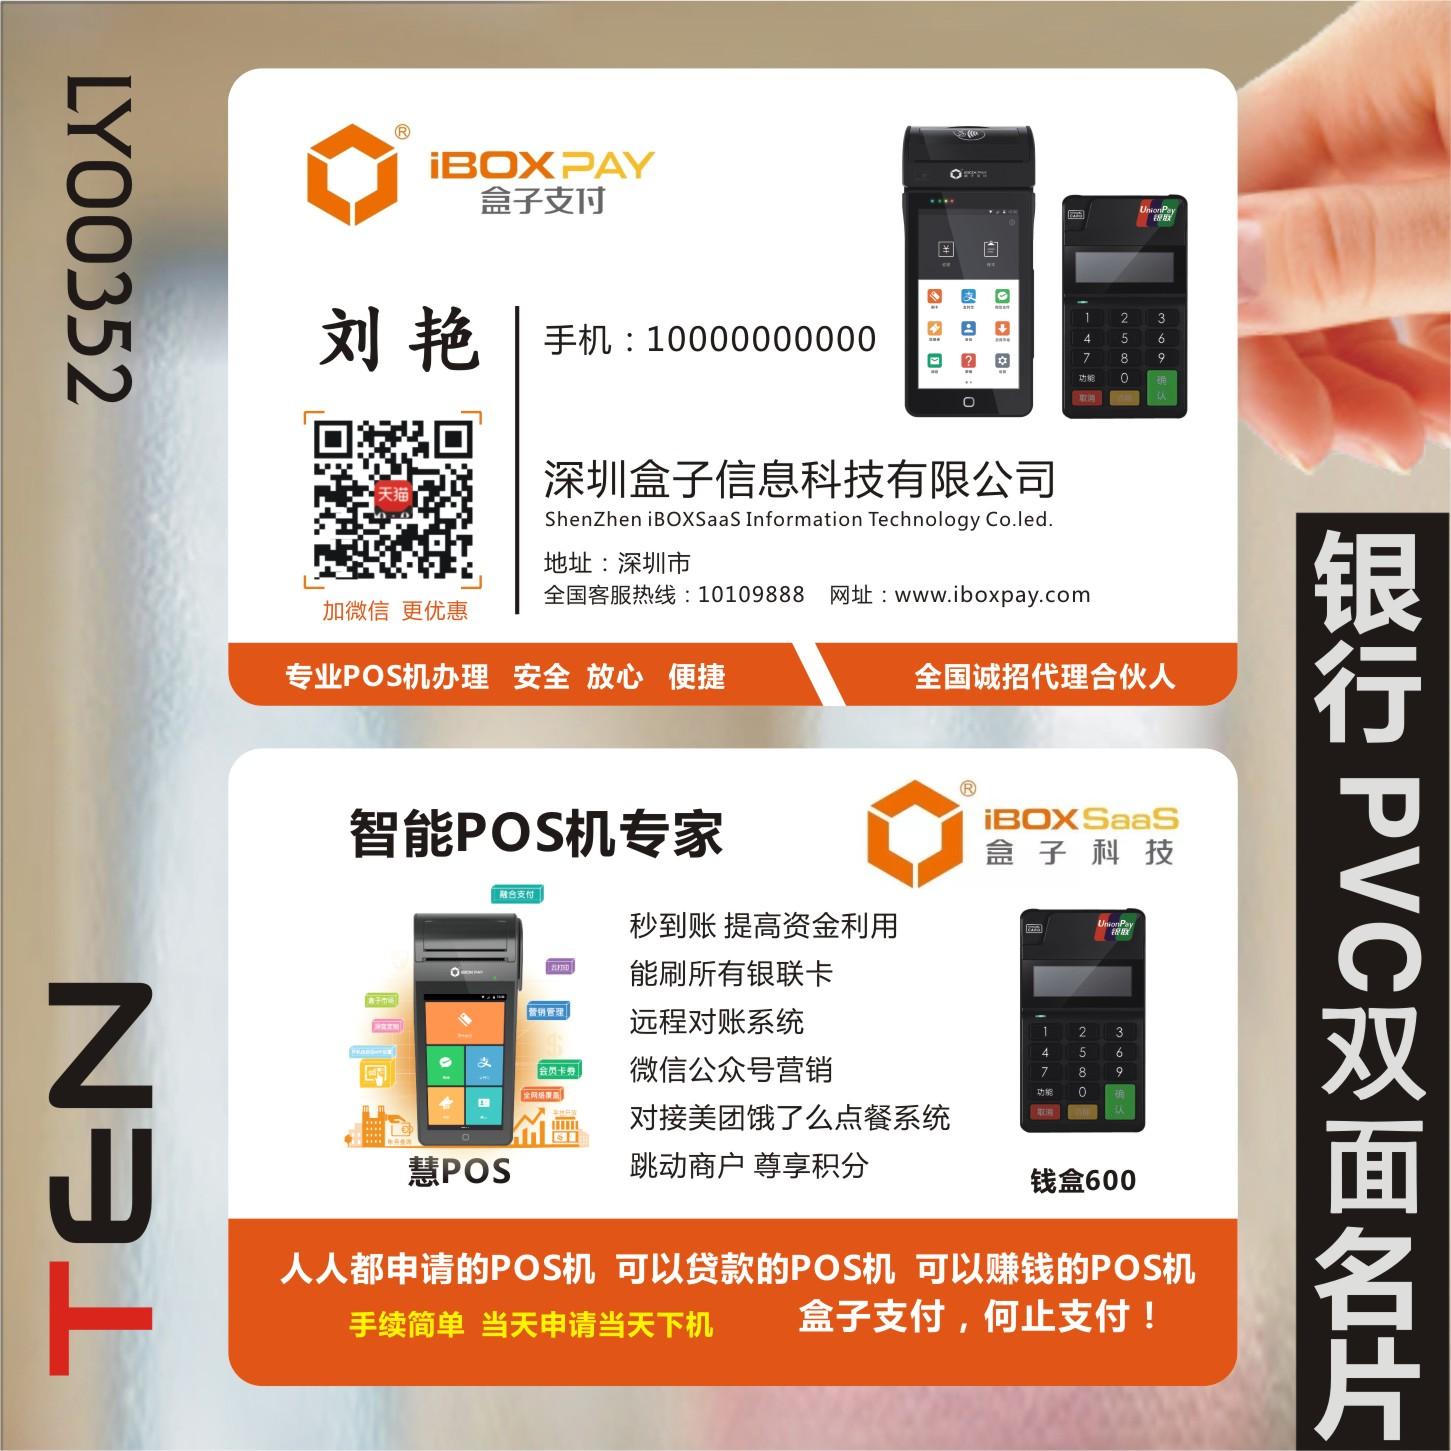 金融投资平安人寿太平宜信银行贷款保险名片设计制作LY00352